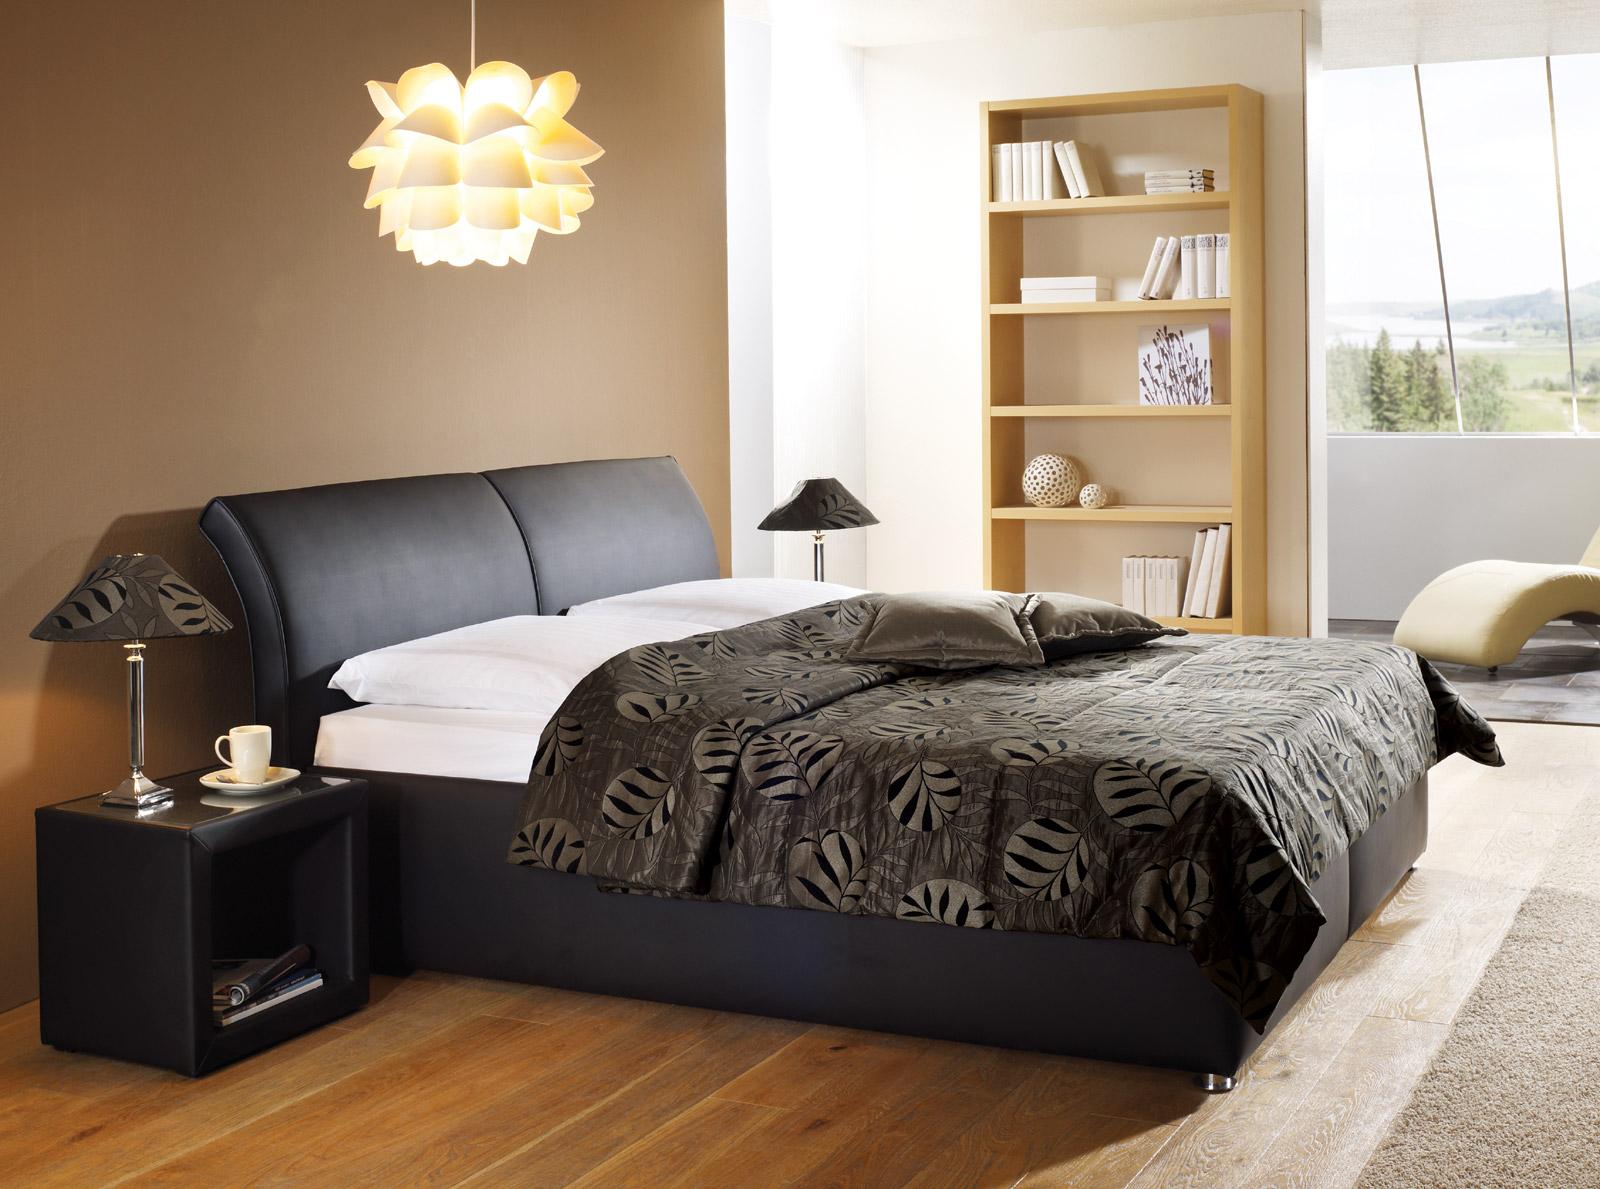 Full Size of Französische Betten Outlet Jensen Meise Ikea 160x200 Ruf Preise Runde Paradies 200x200 Günstige 140x200 Weiß Jugend Bett Französische Betten